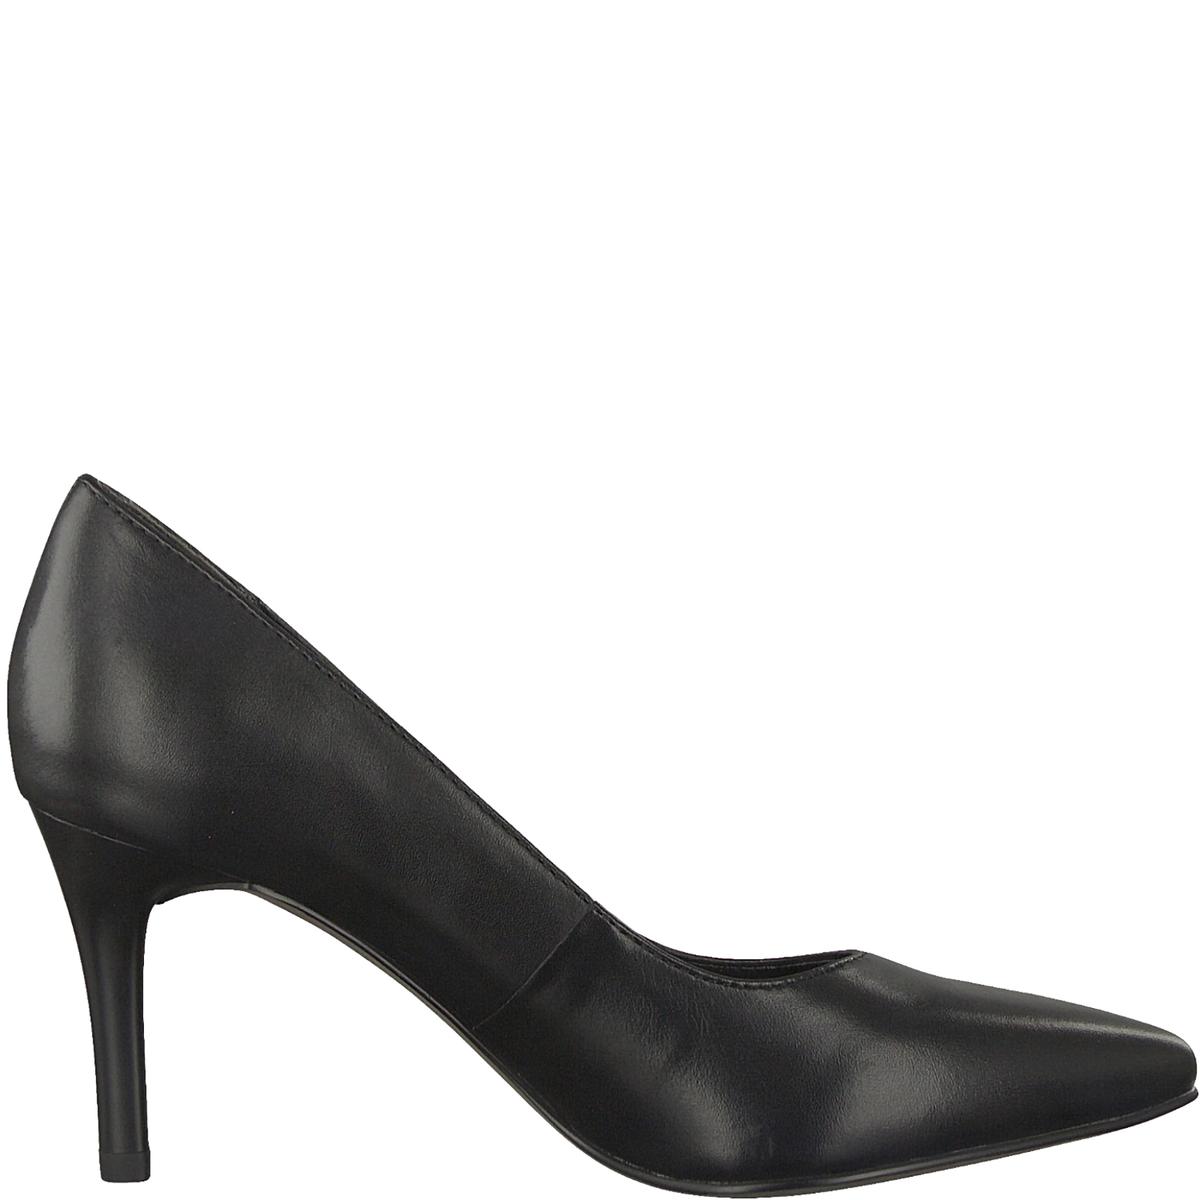 Туфли кожаные SeagullДетали •  Каблук-шпилька •  Высота каблука : 7,5 см •  Застежка : без застежки •  Заостренный мысокСостав и уход •  Верх 100% кожа •  Подкладка 50% синтетического материала, 50% текстиля •  Стелька 100% синтетический материал<br><br>Цвет: черный